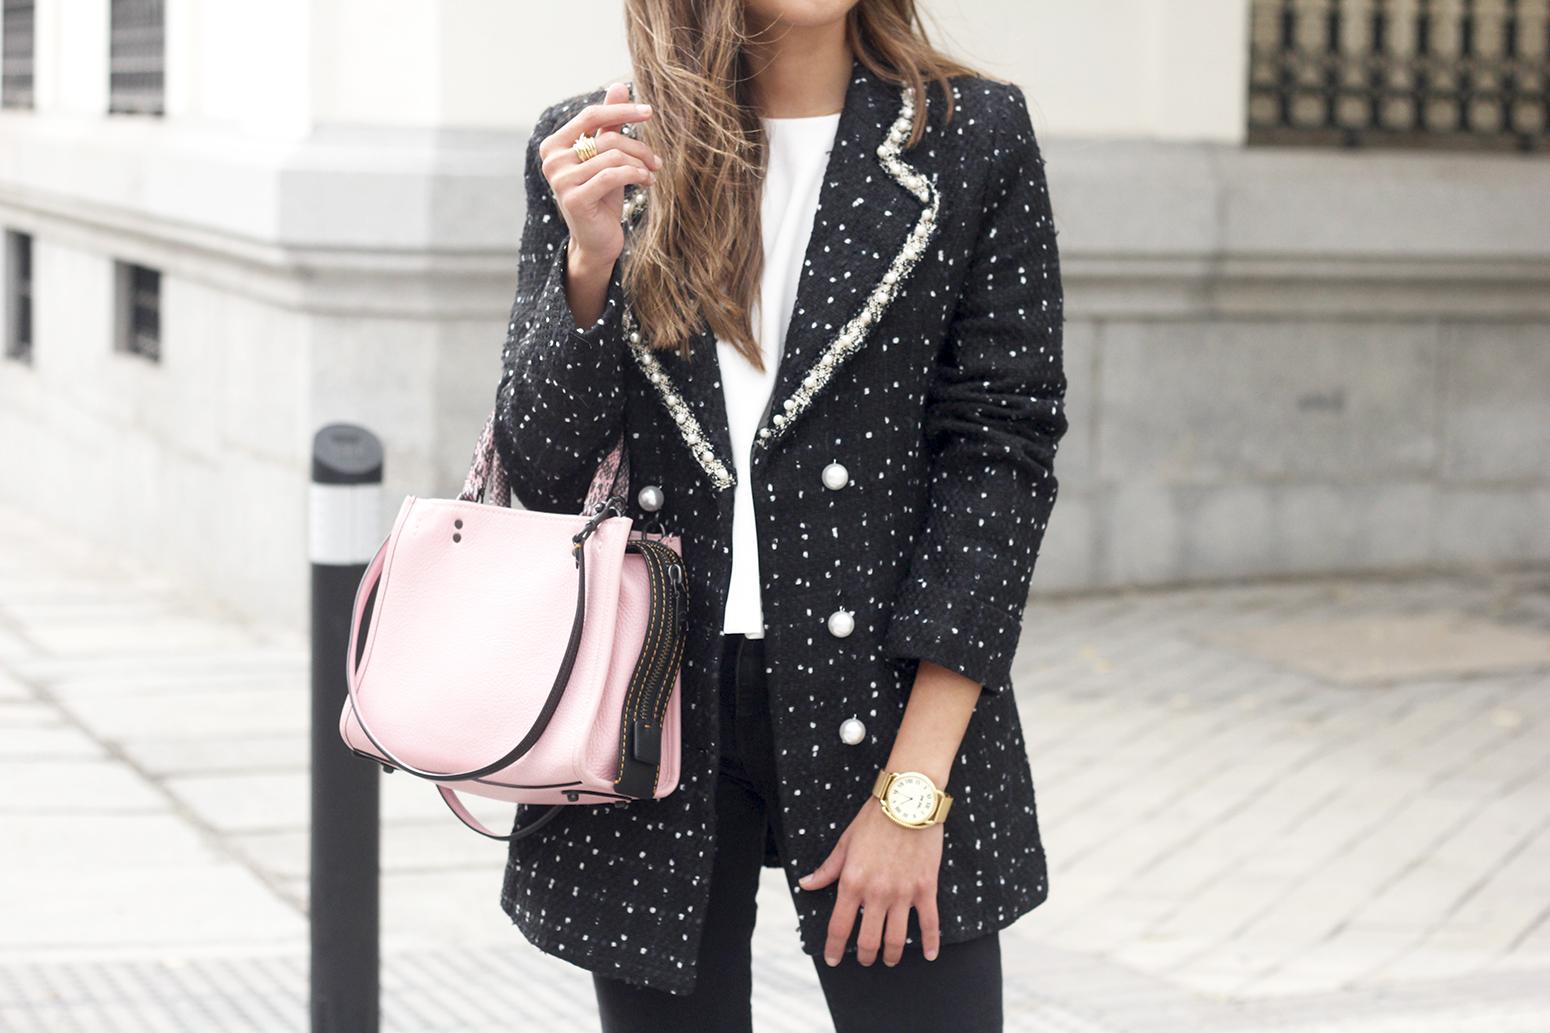 survêtement veste survêtement sac jeans noir street style costume 201910